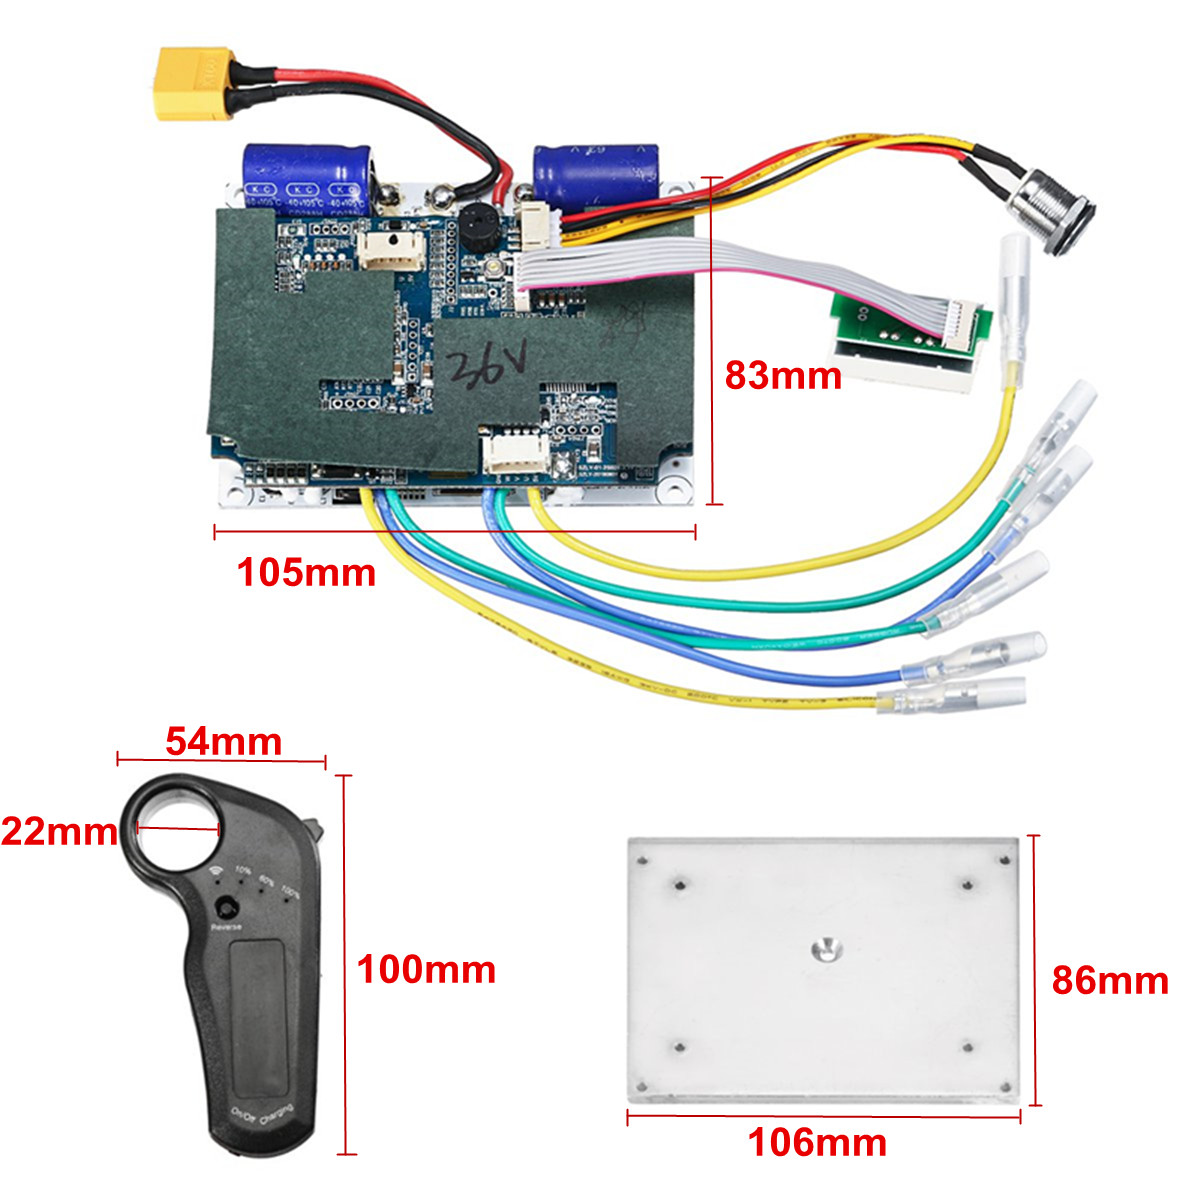 24/36 V Double ceinture moteur électrique planche à roulettes contrôleur Longboard ESC pièces de rechange Scooter carte mère Instrument outils - 2